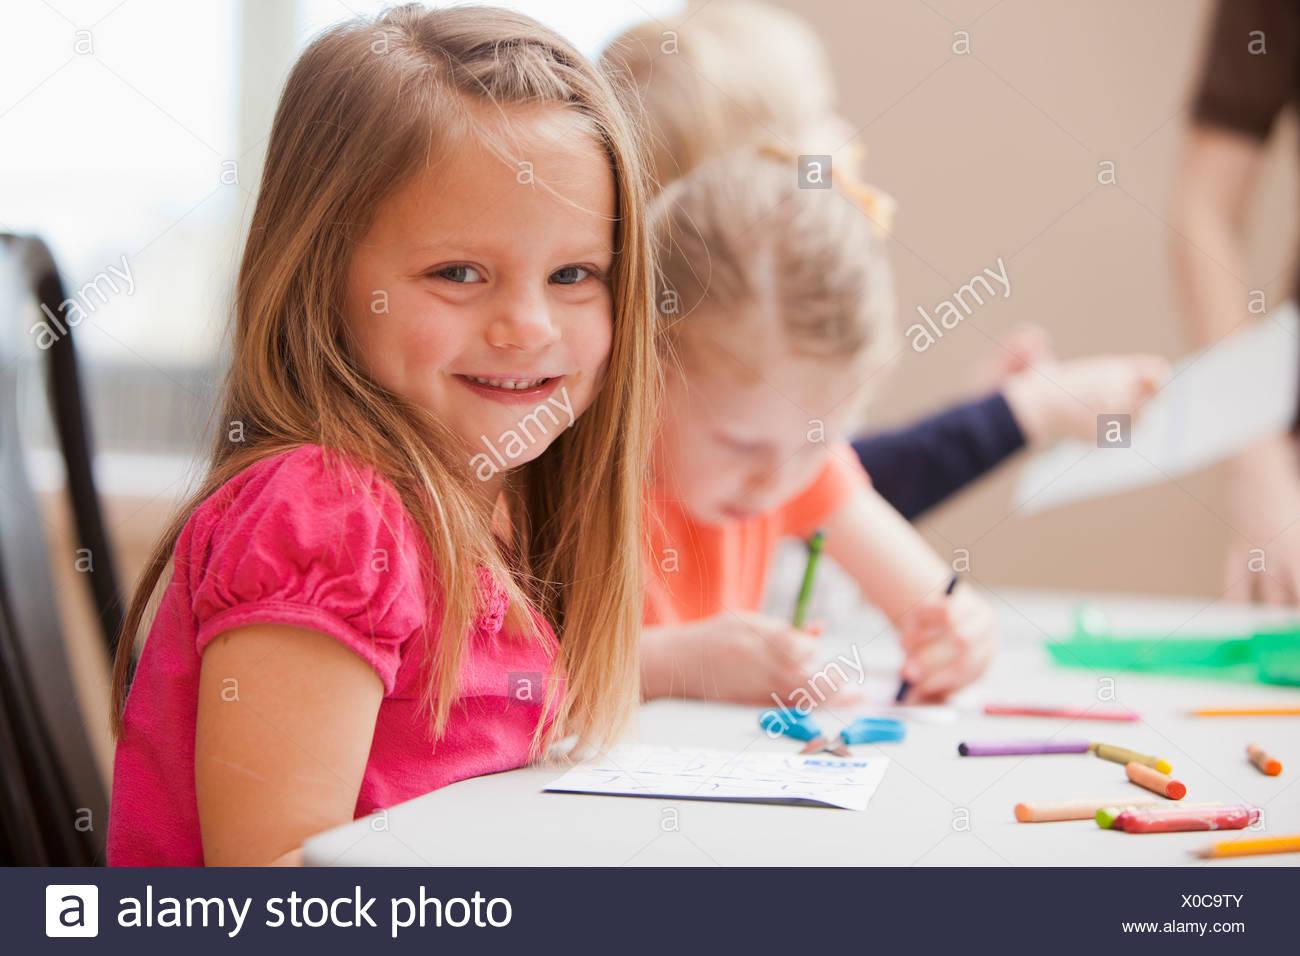 Mädchen blick in die kamera während der kunstunterricht im